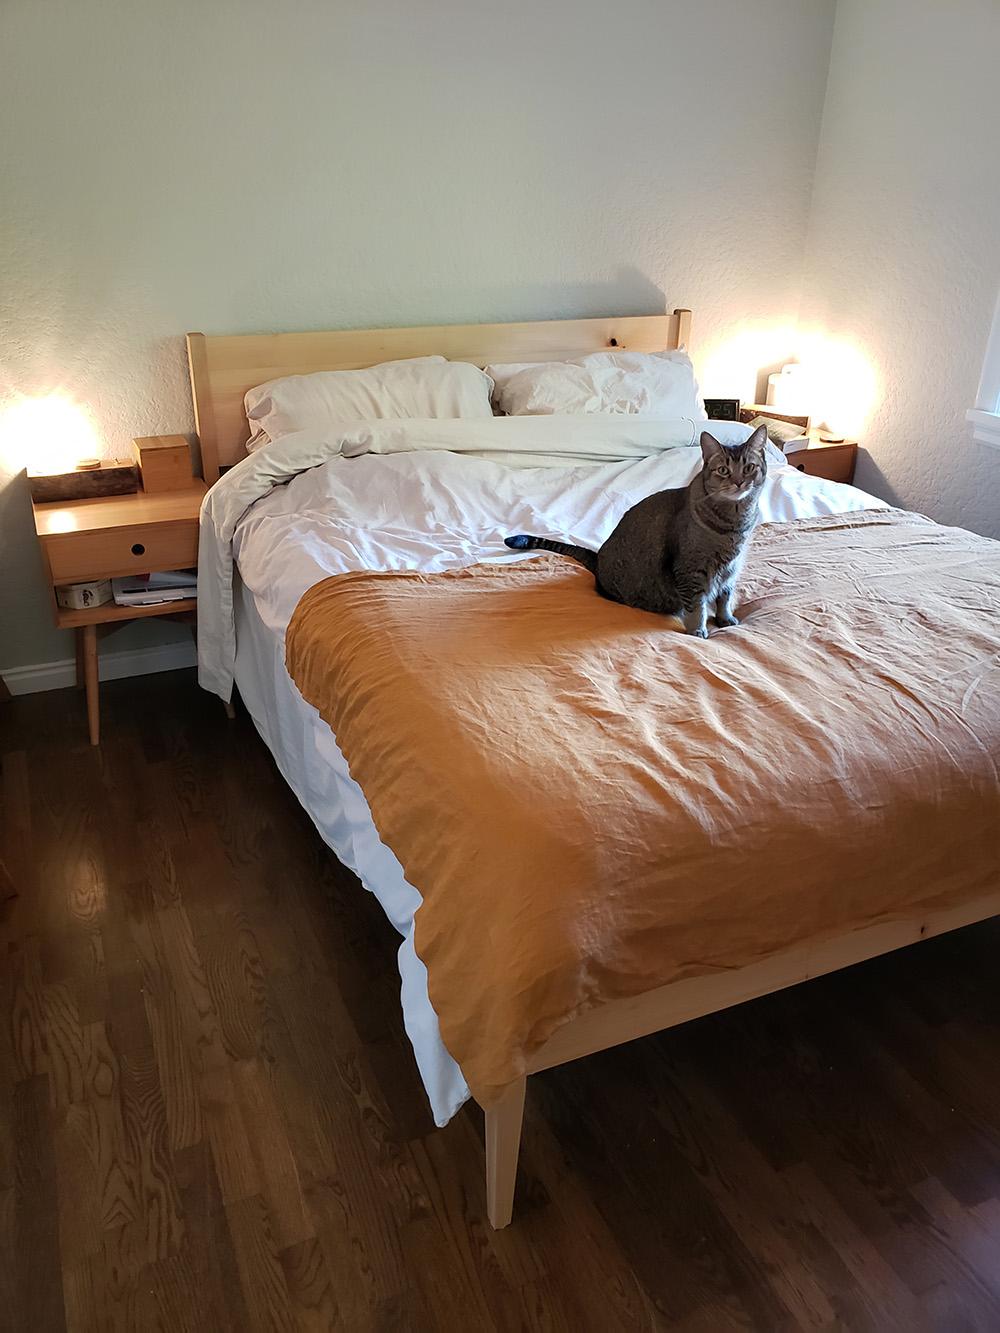 Bed Frames 37 - Finished-1